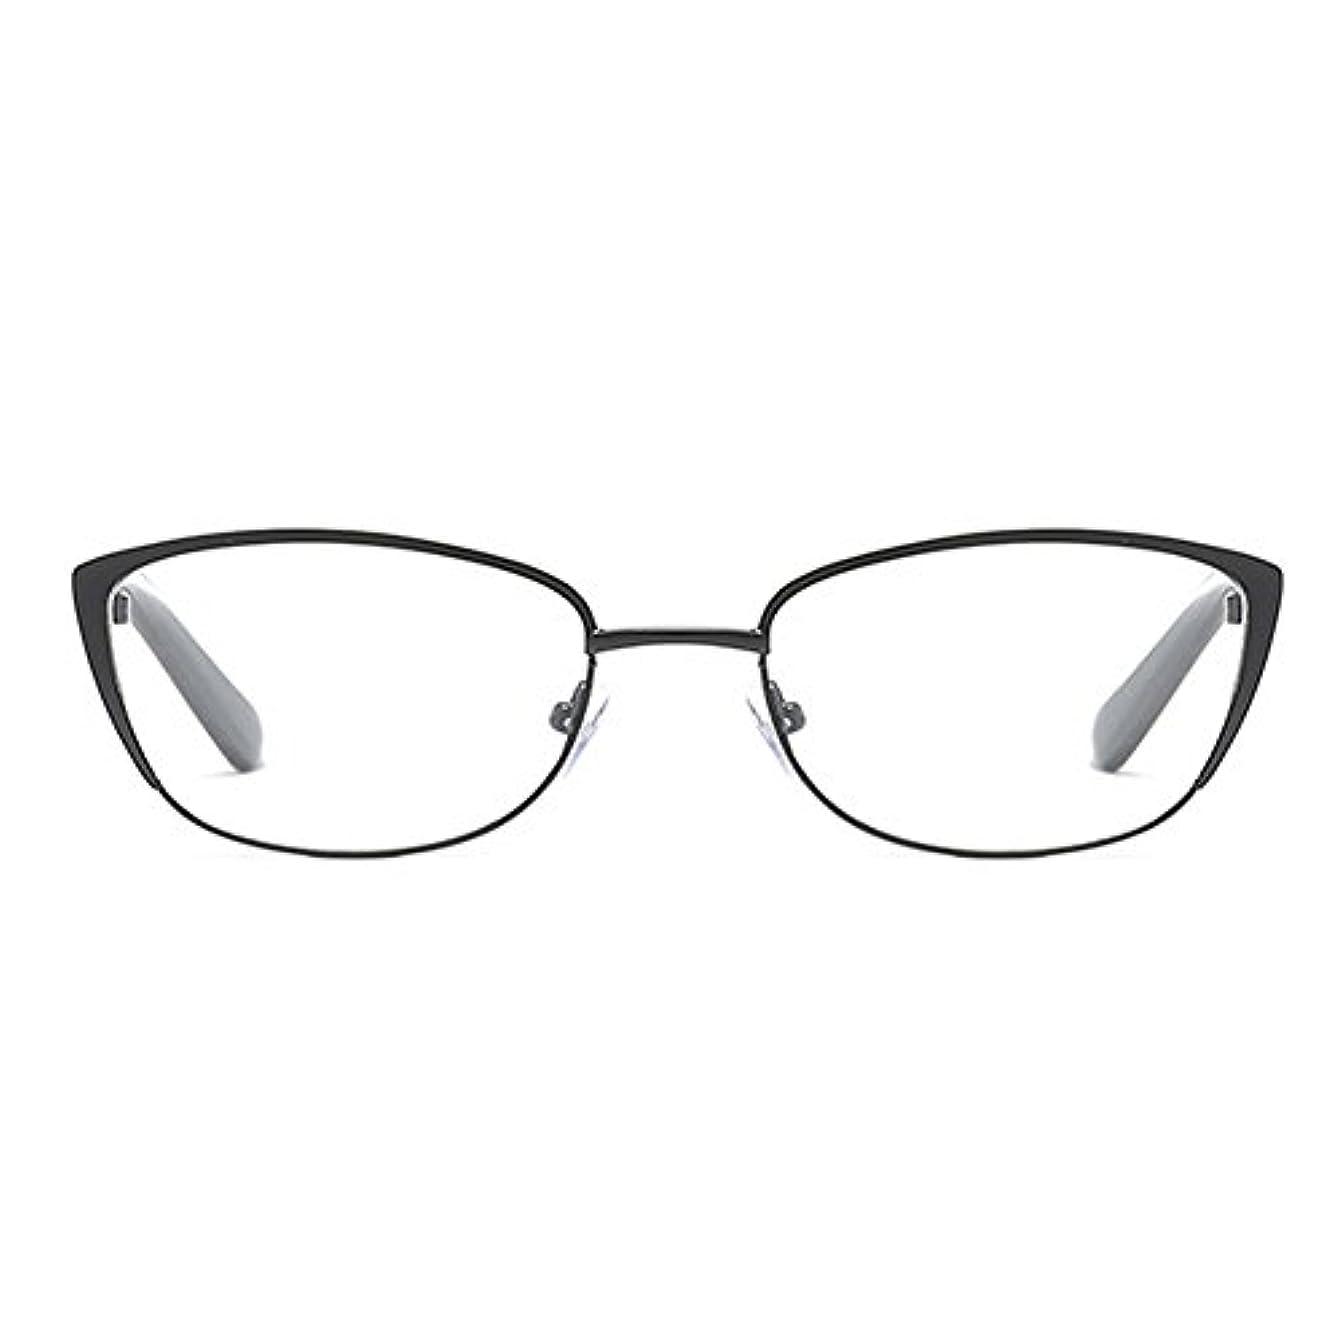 件名流出位置するFuyingda レディメガネ ファッション猫の目の老眼鏡 メタルフレームメガネ強度:+1.0?+4.0